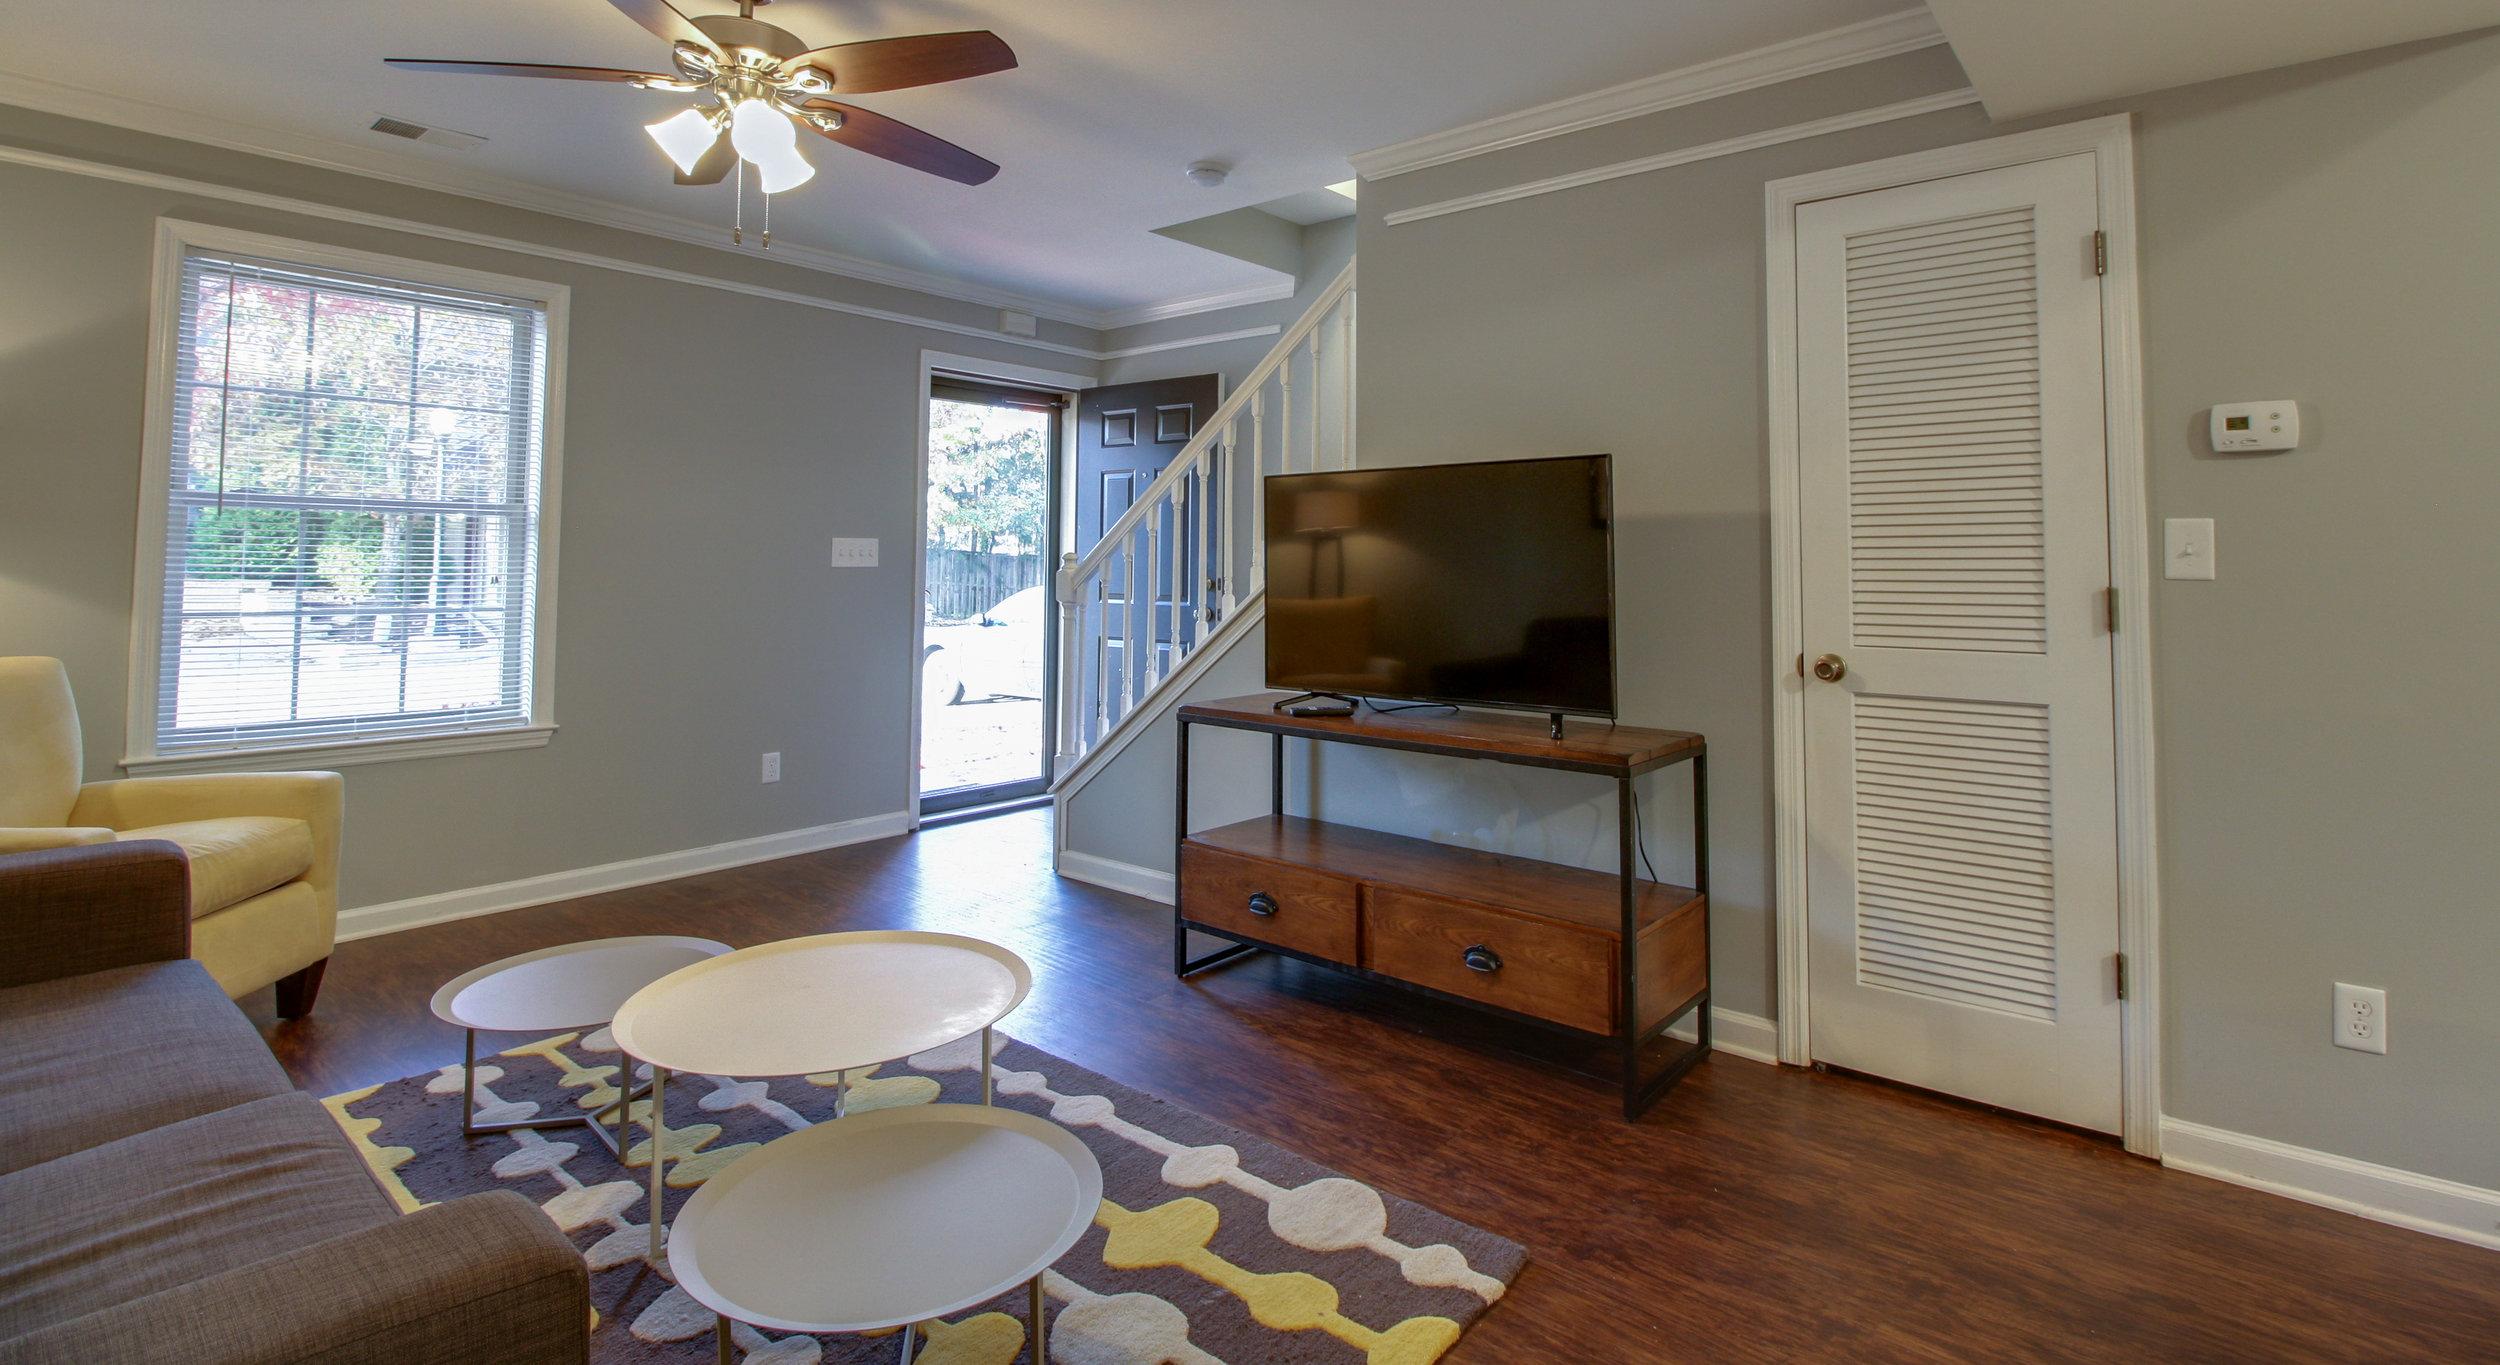 Davis Park Smyrna Living Room 3.jpg